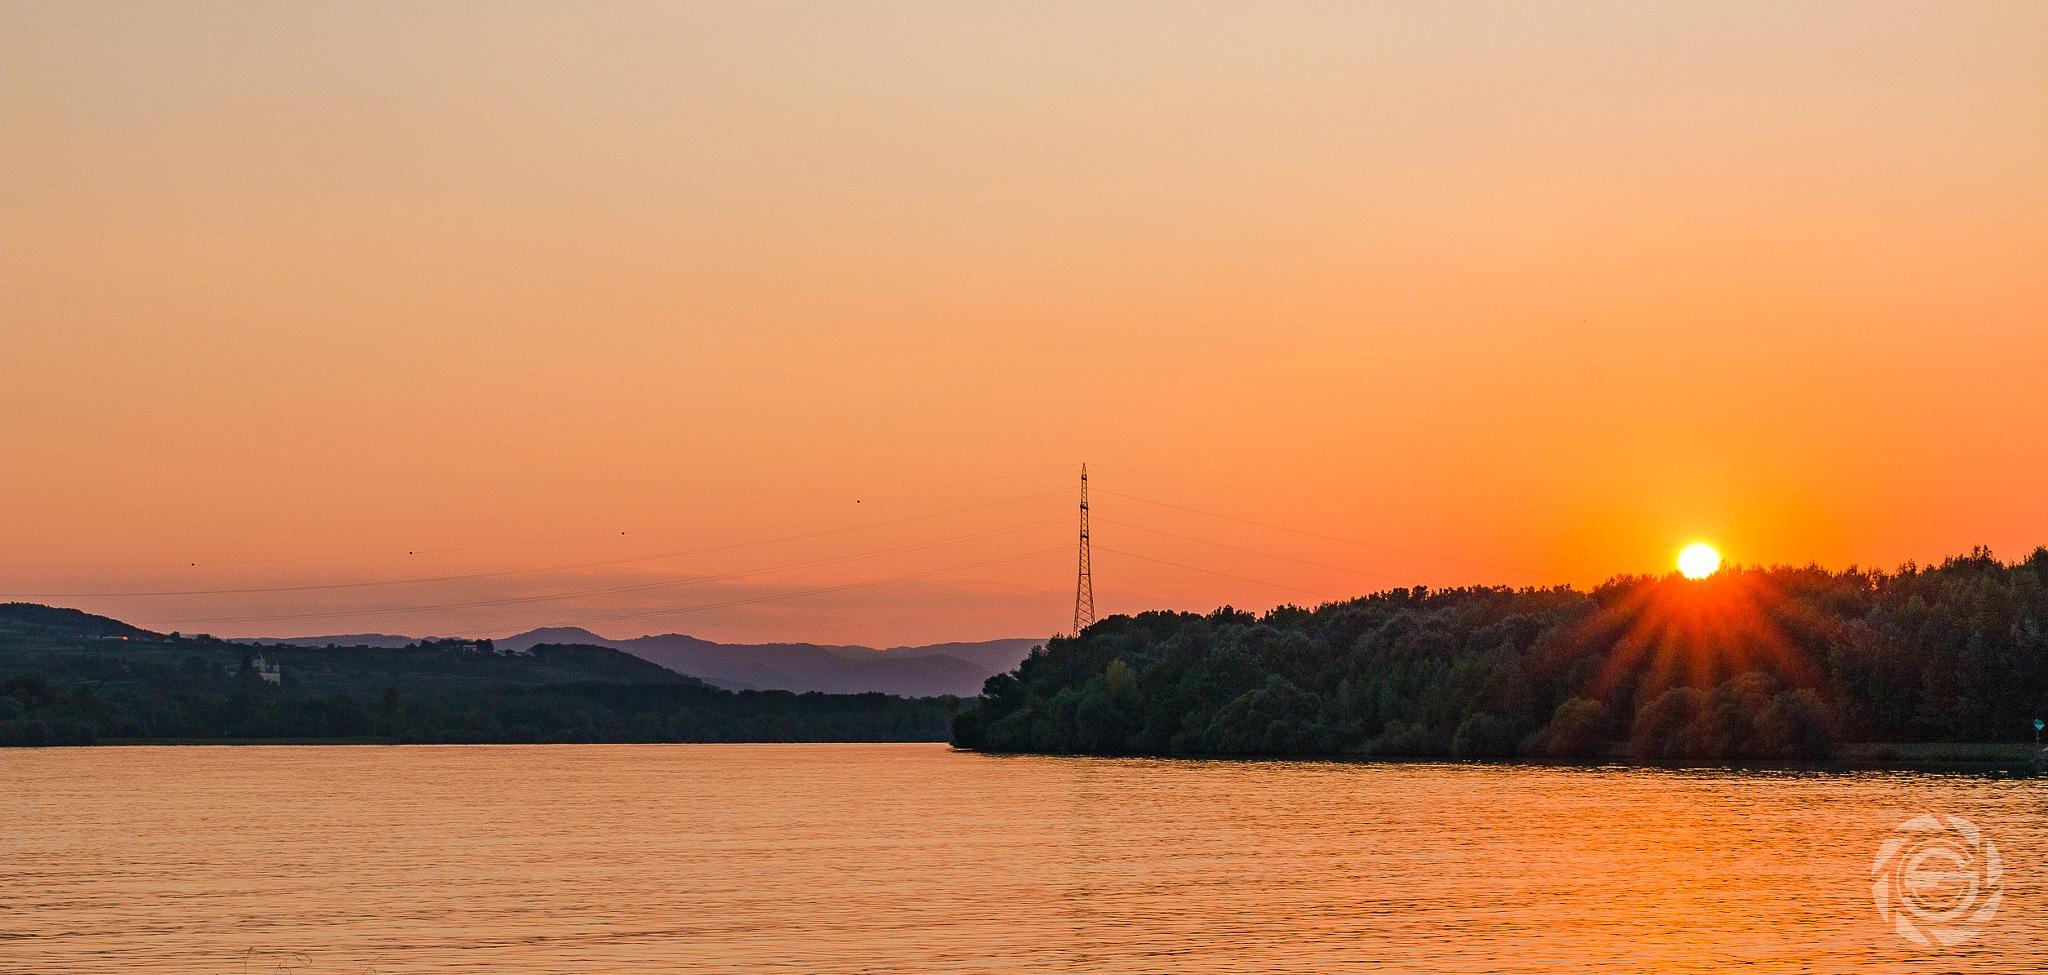 Danube Sundown by Michael Giesinger